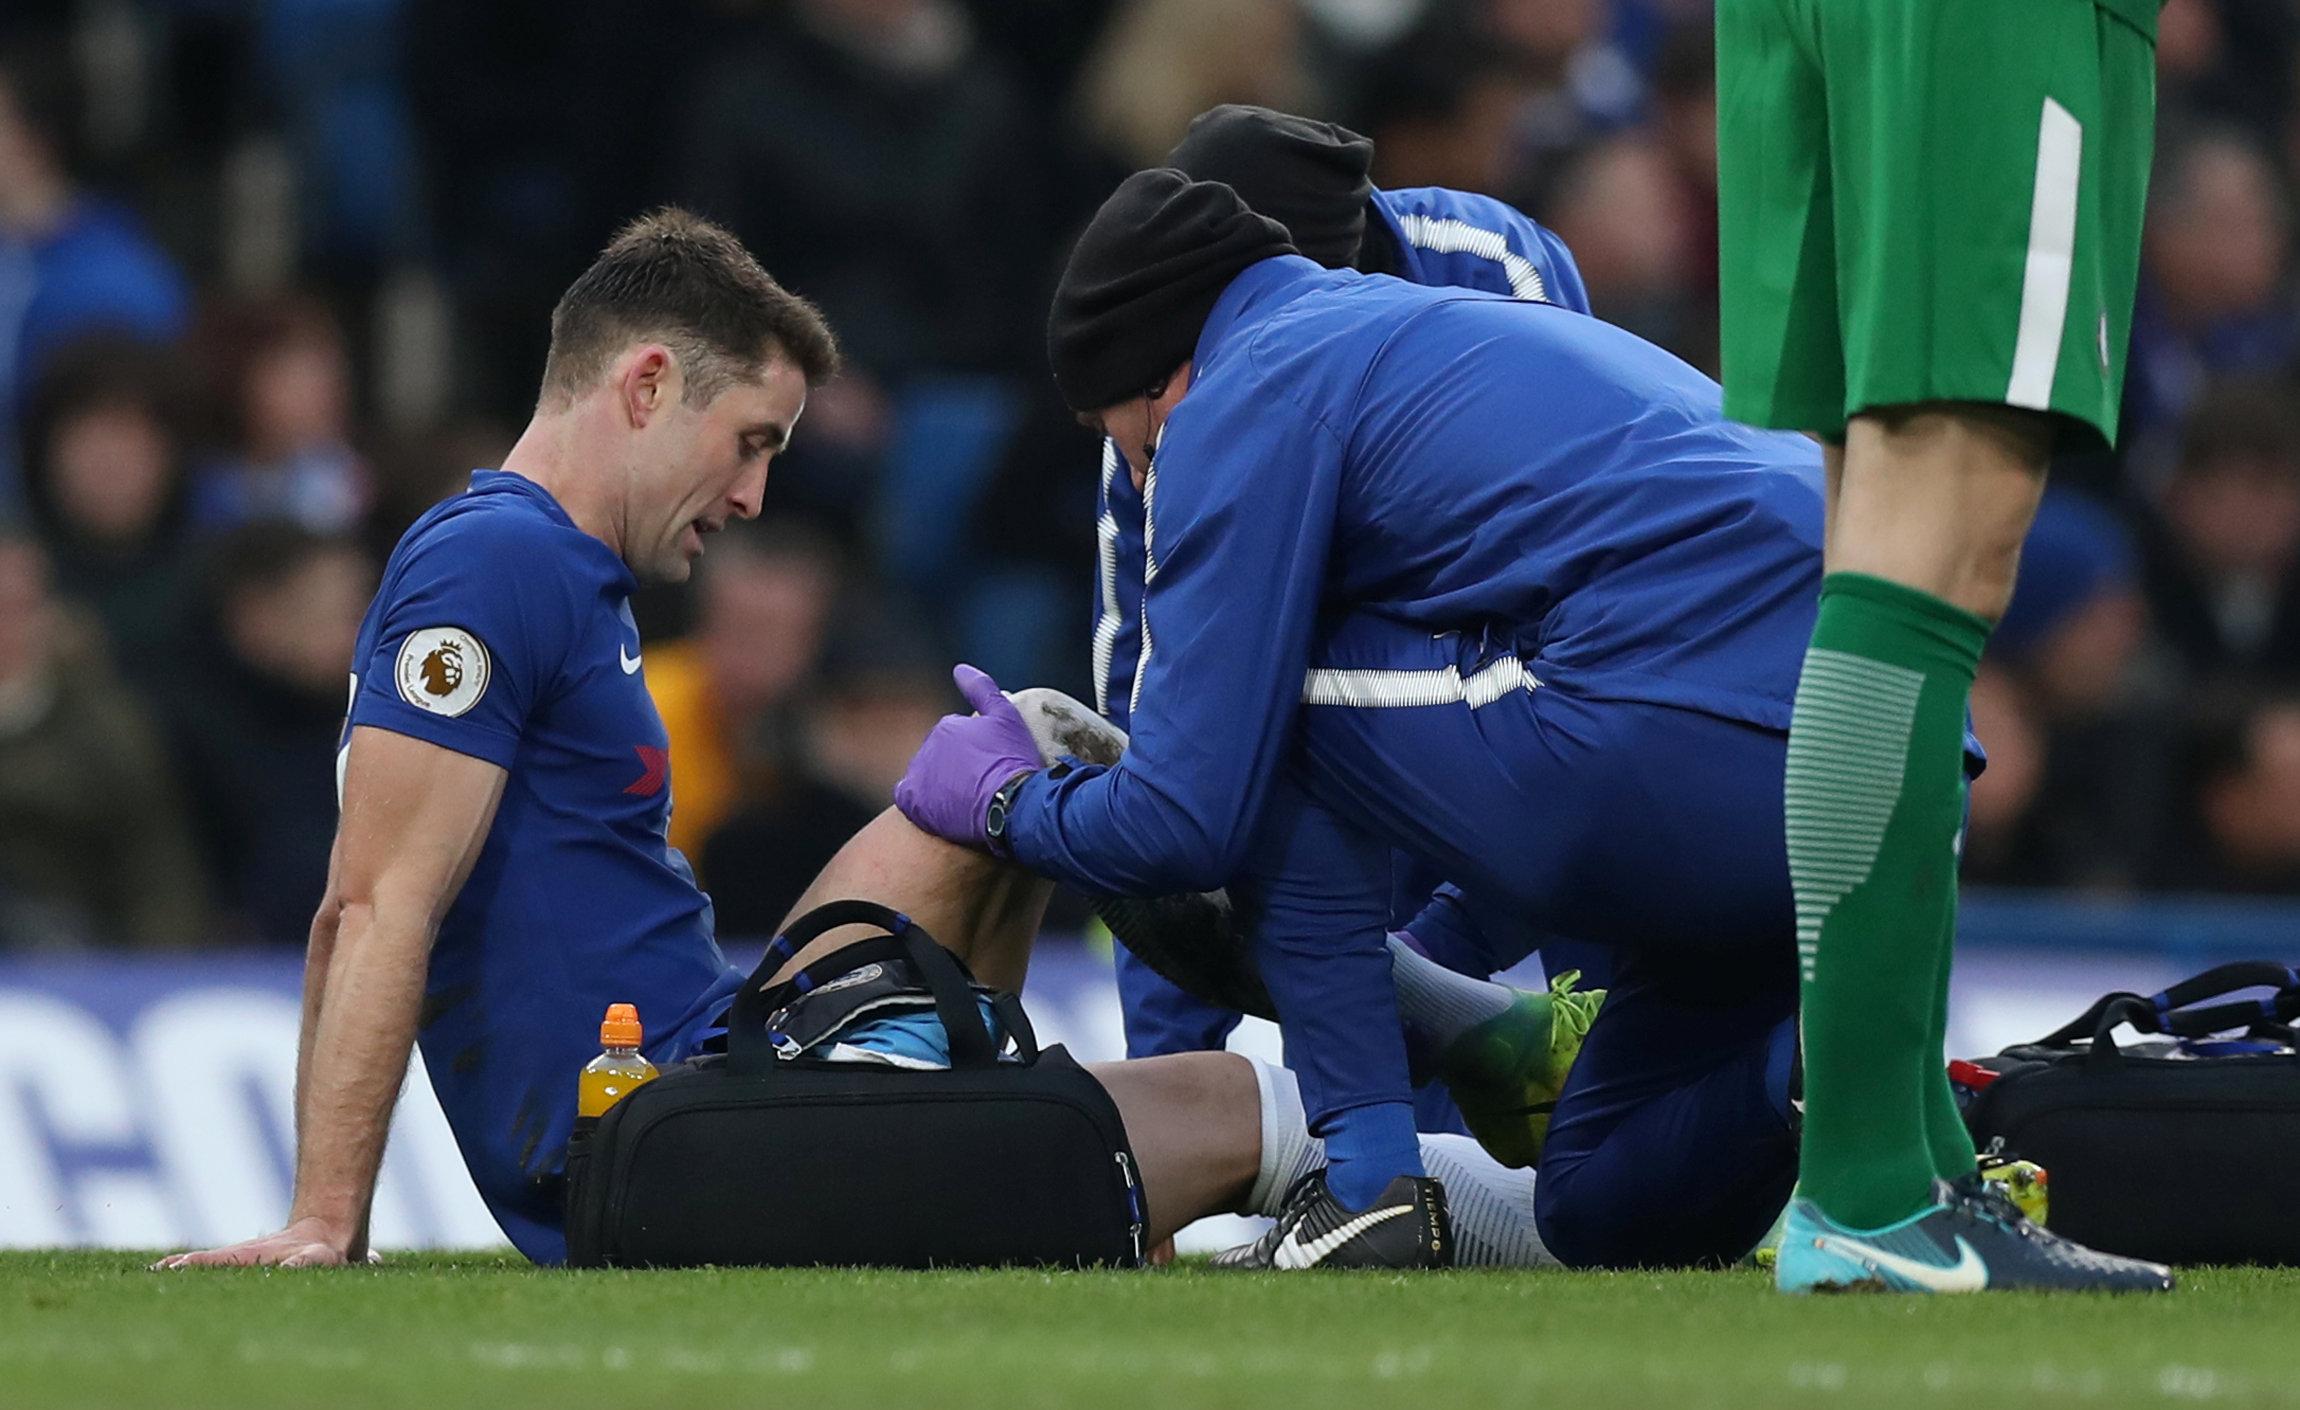 Cahill sẽ phải nghỉ thi đấu trong thời gian tới vì chấn thương. Ảnh: REUTERS